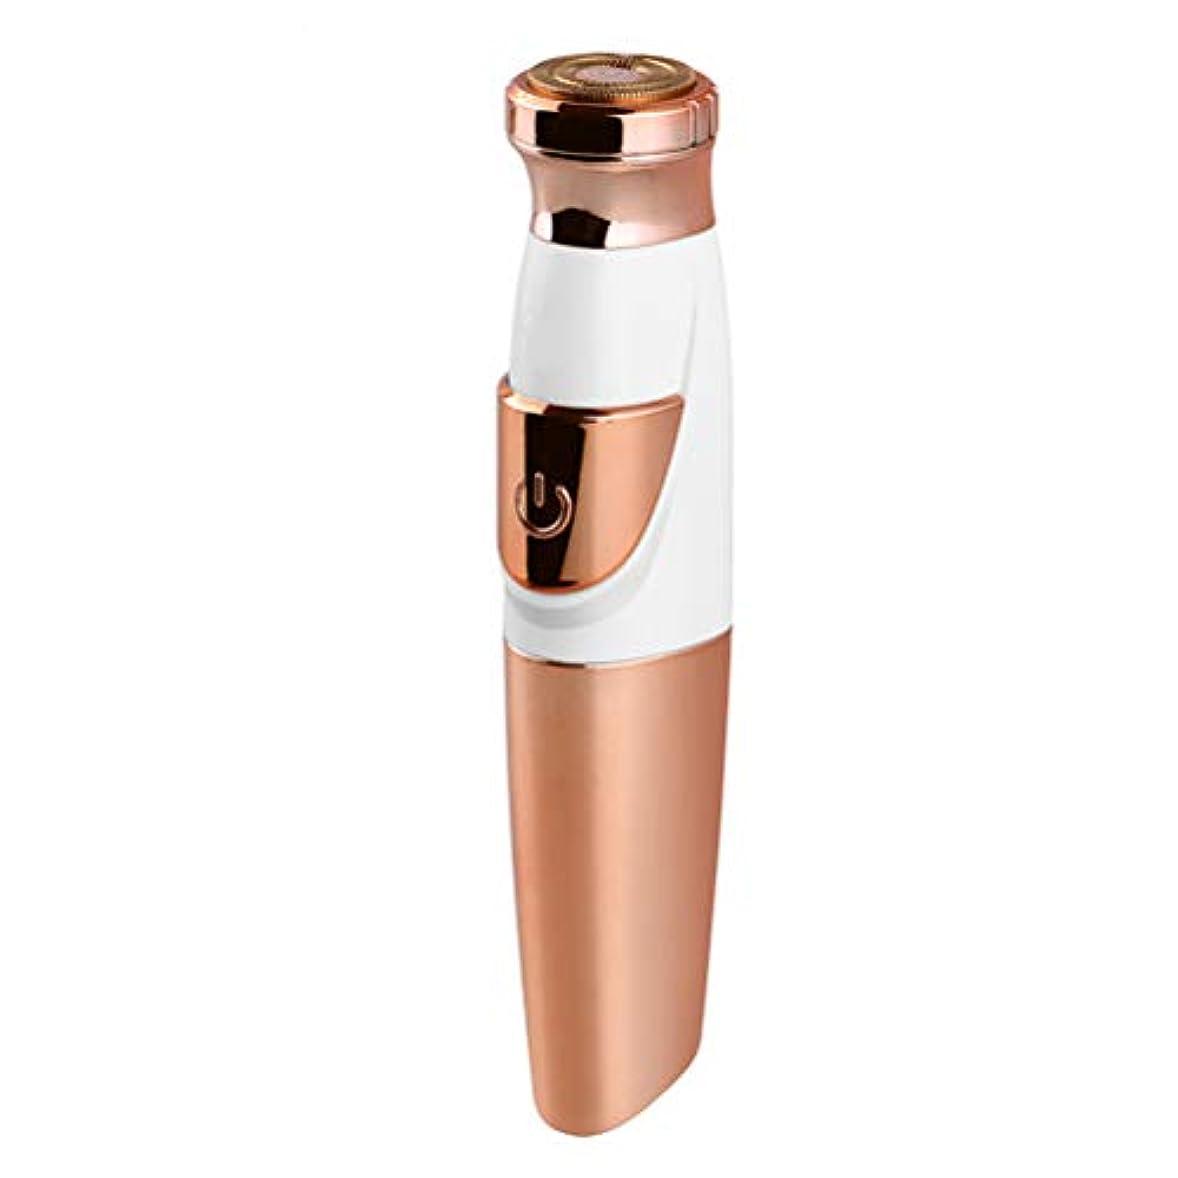 コレクションリスナー導入するSGKJJ - 脱毛器 ポータブルレディーシェーバーミニシェーバー乾電池脱毛器シェービングマシン - 8102